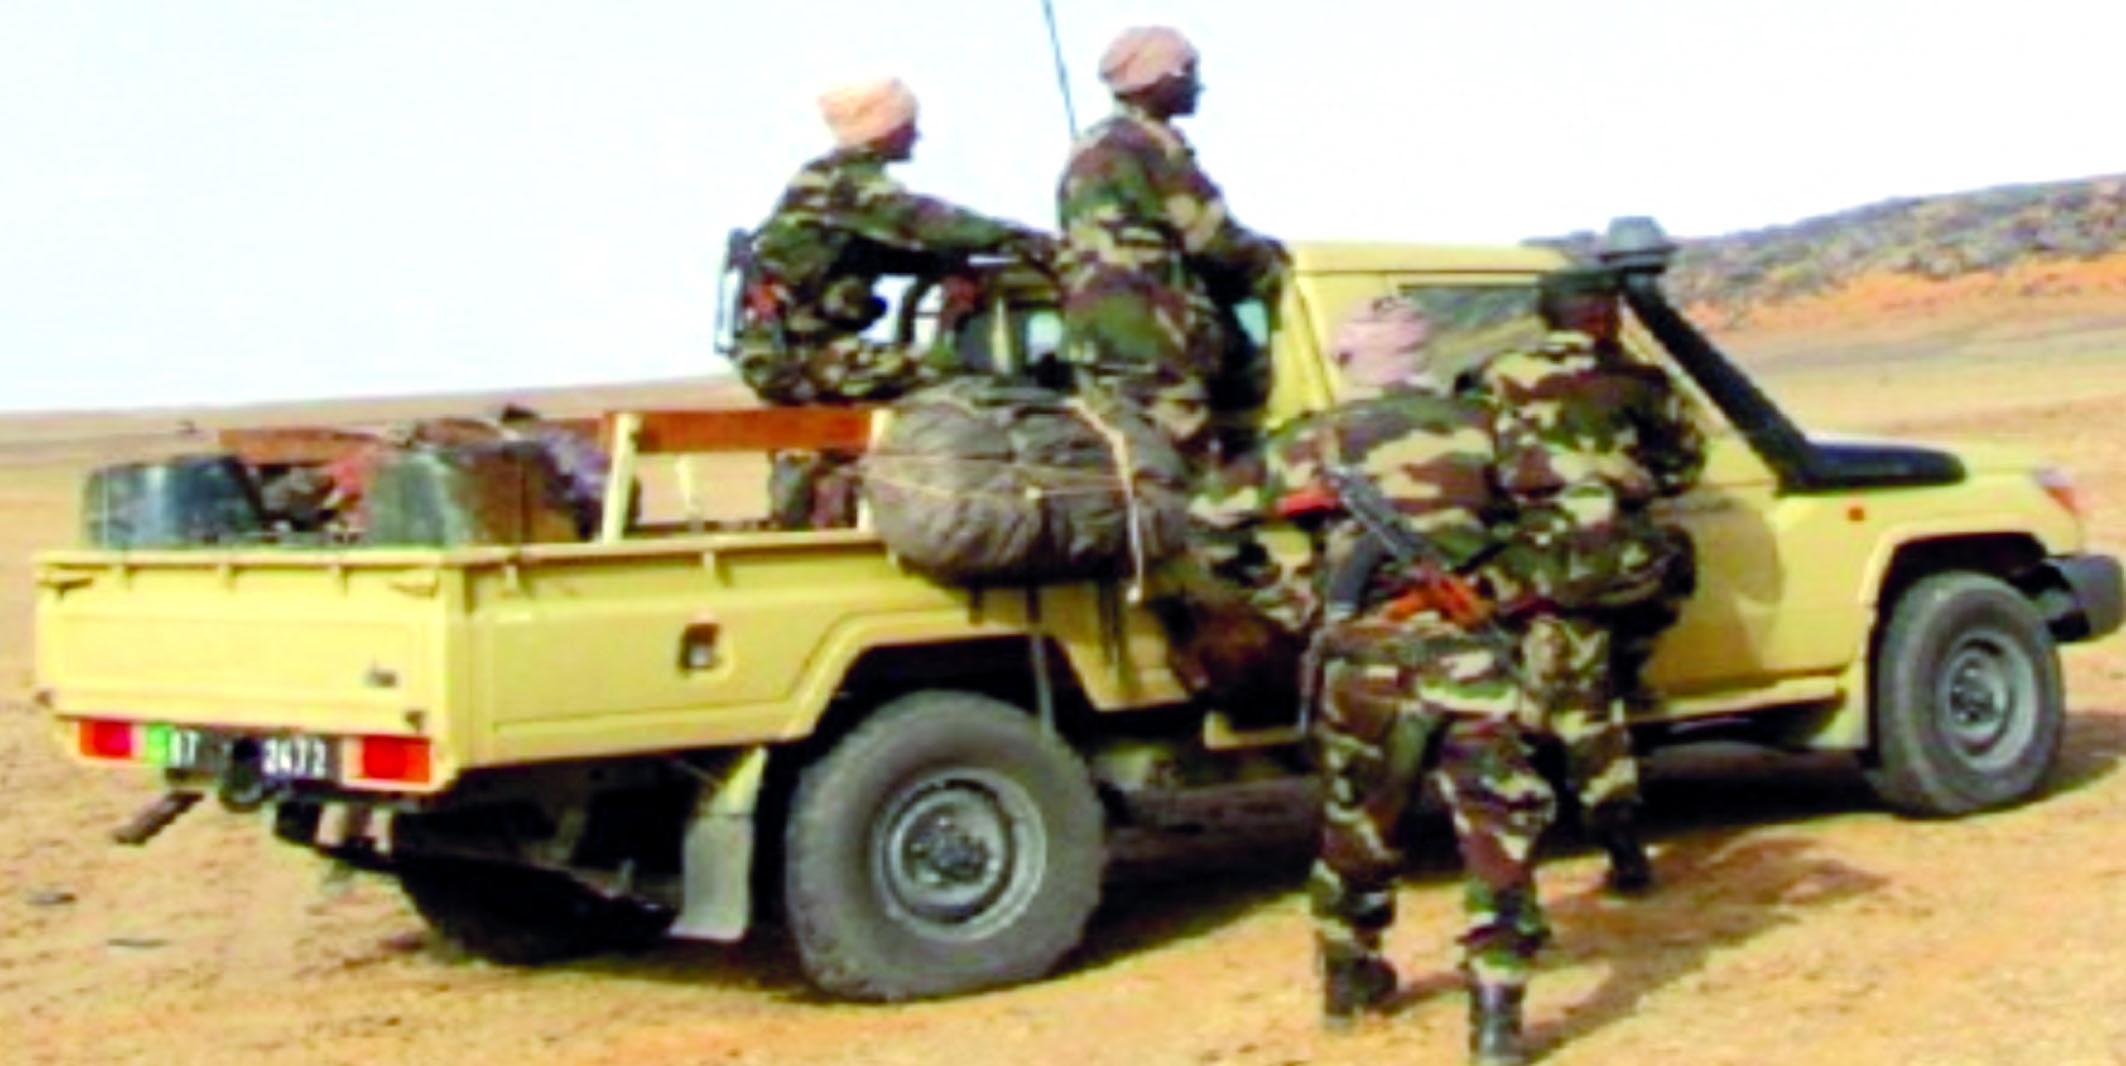 Les milices du Polisario se transforment en passeurs de migrants clandestins